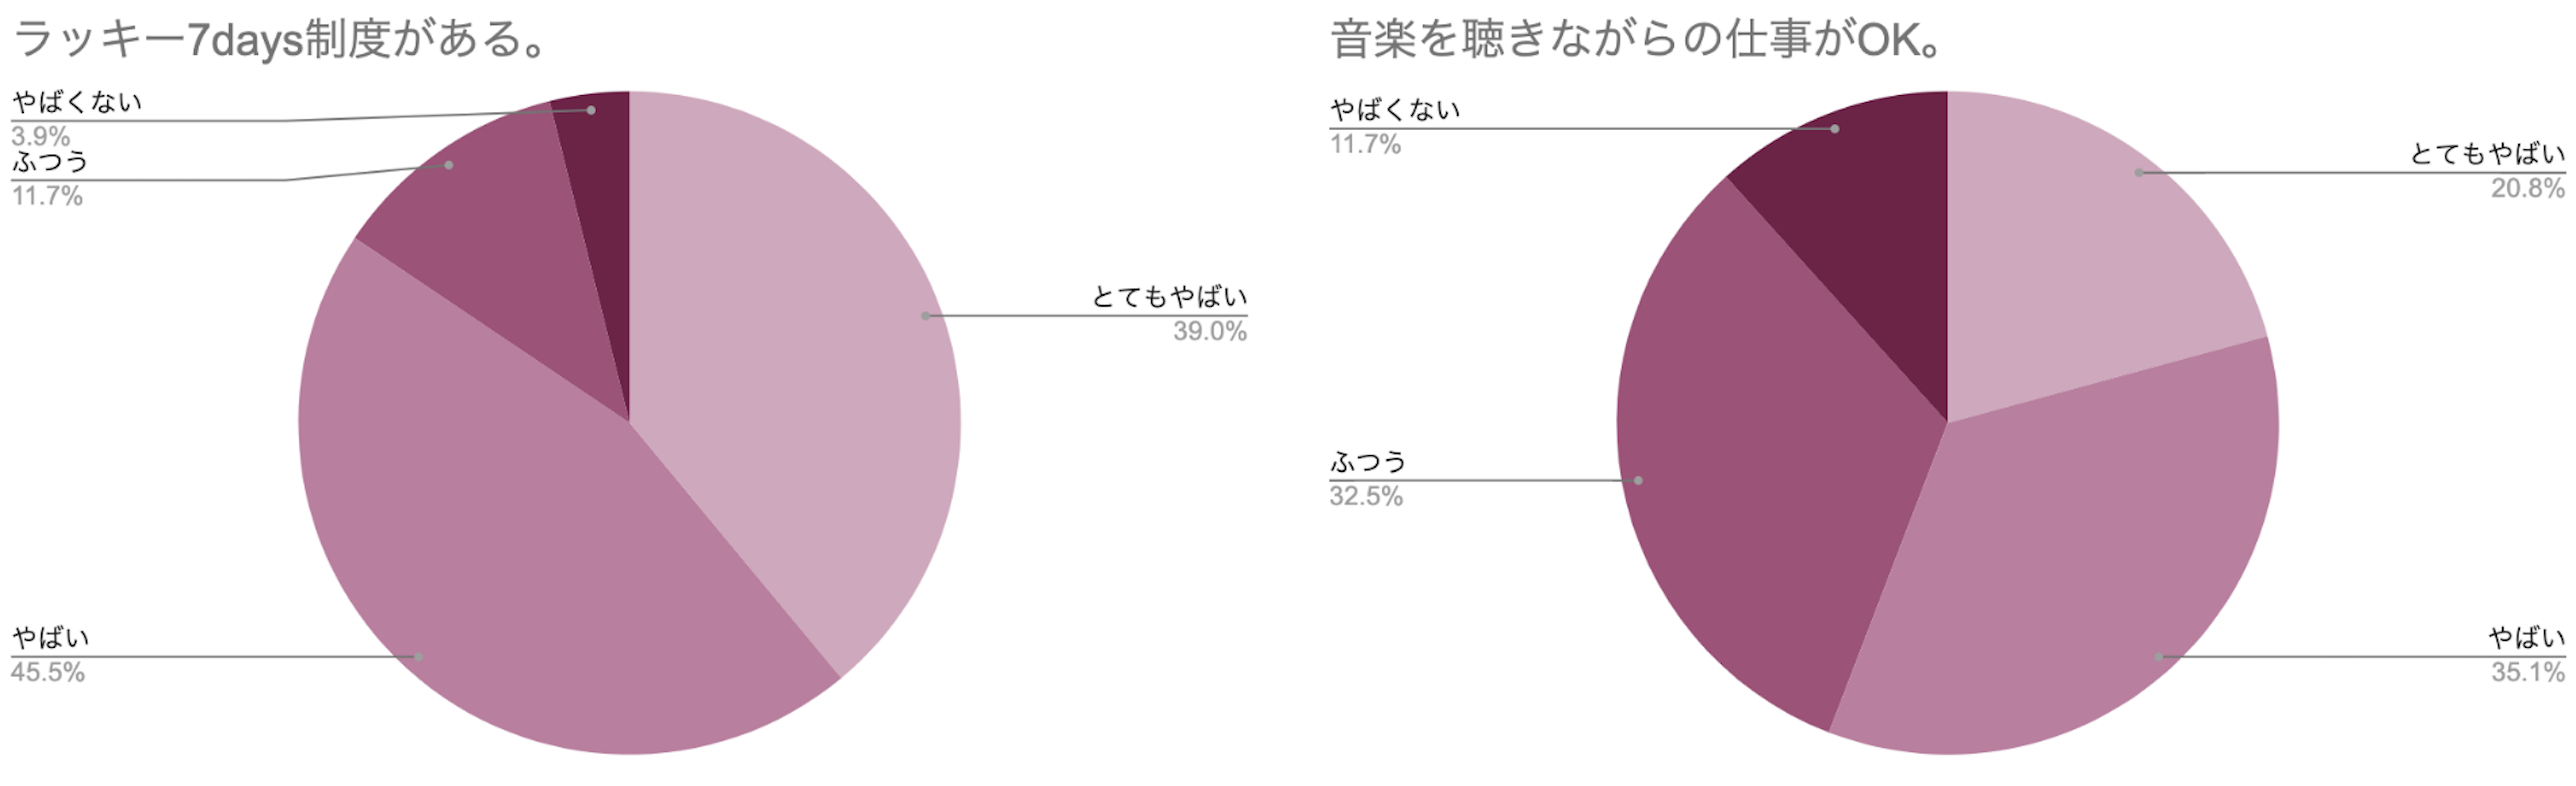 円グラフ ラッキー7days制度がある 音楽を聴きながら仕事がOK